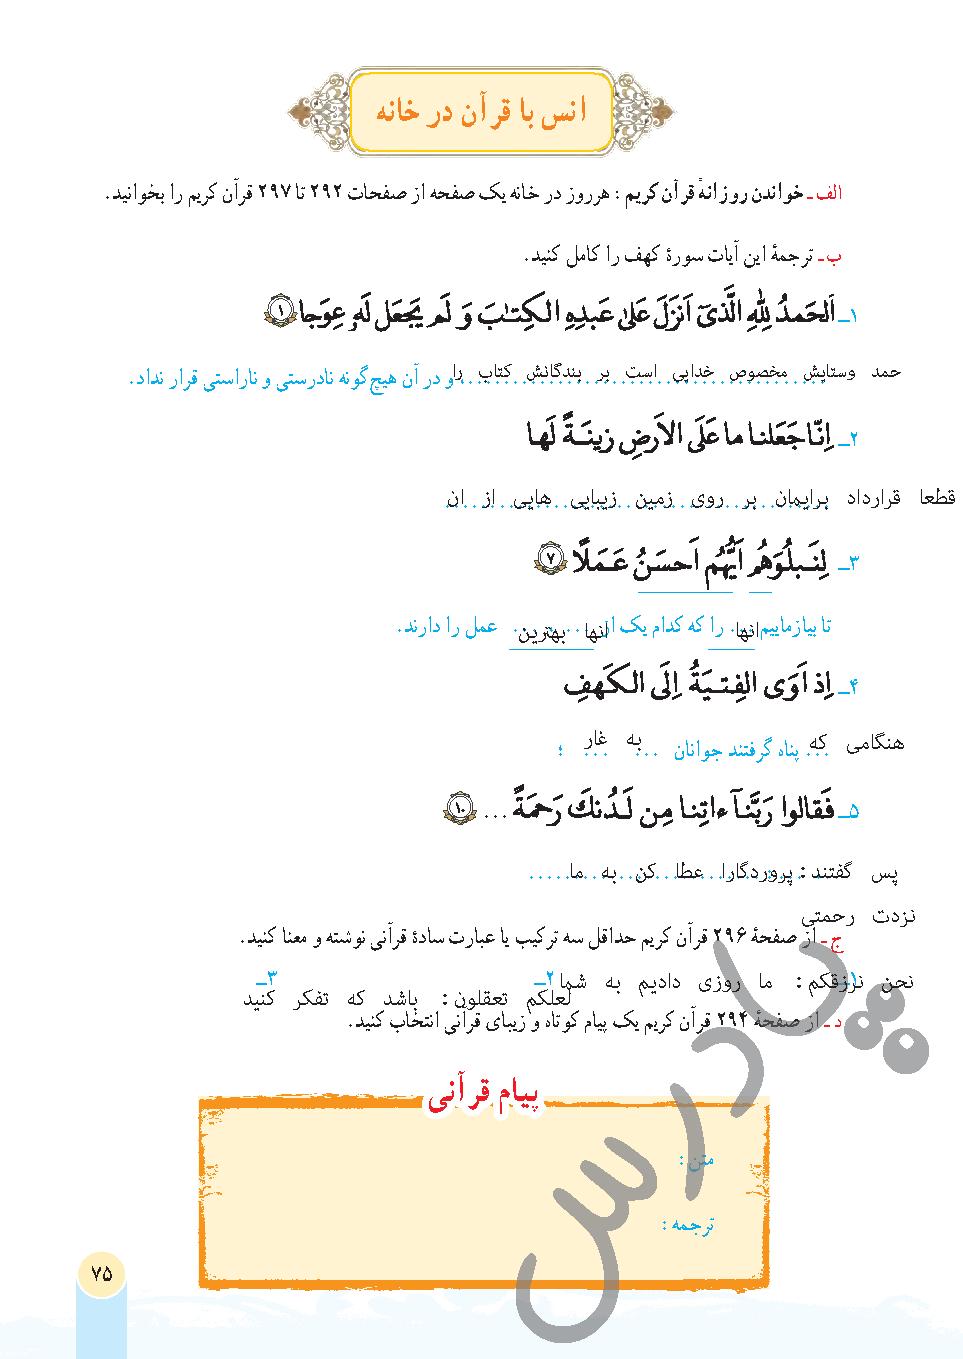 جواب انس با قرآن درس 8 قرآن هفتم -جلسه اول